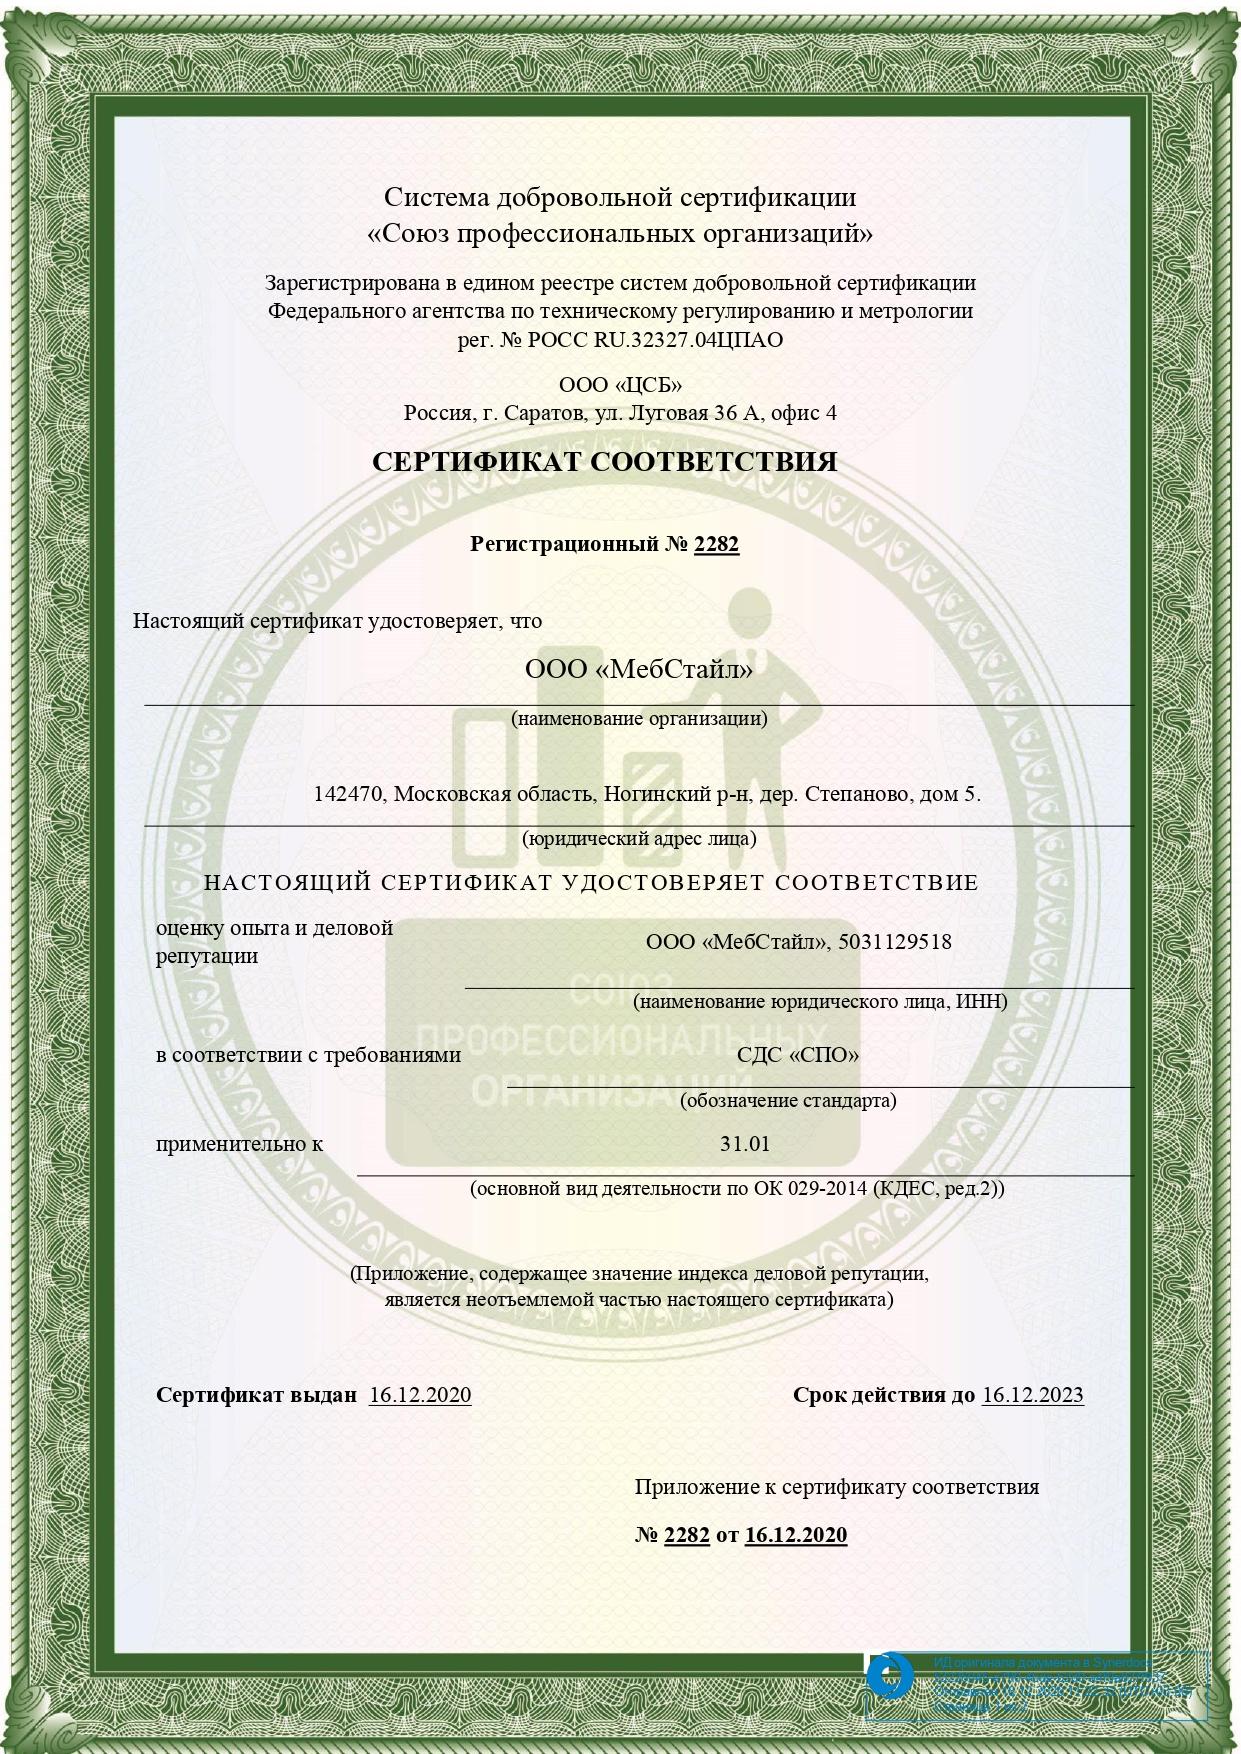 сертификат мебстайл